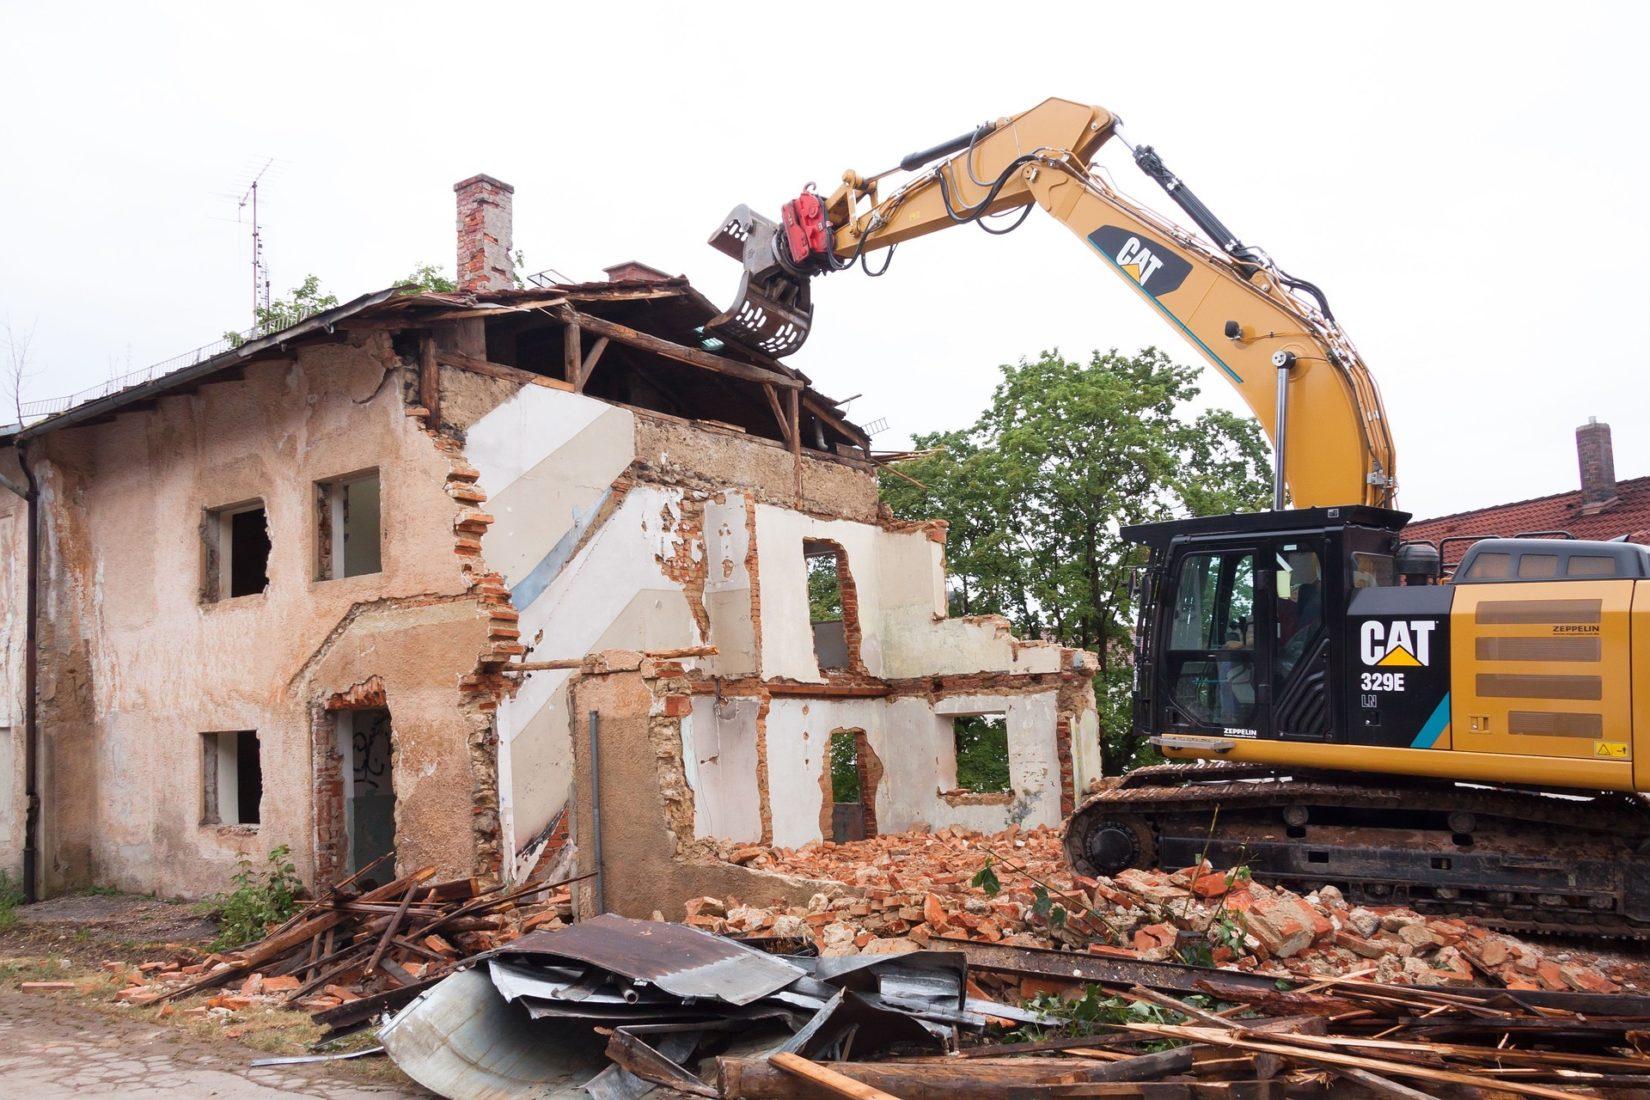 2016 fielen in Deutschland knapp 215 Mio. t ungefährlicher mineralischer Bauabfälle an. Foto: Pixabay